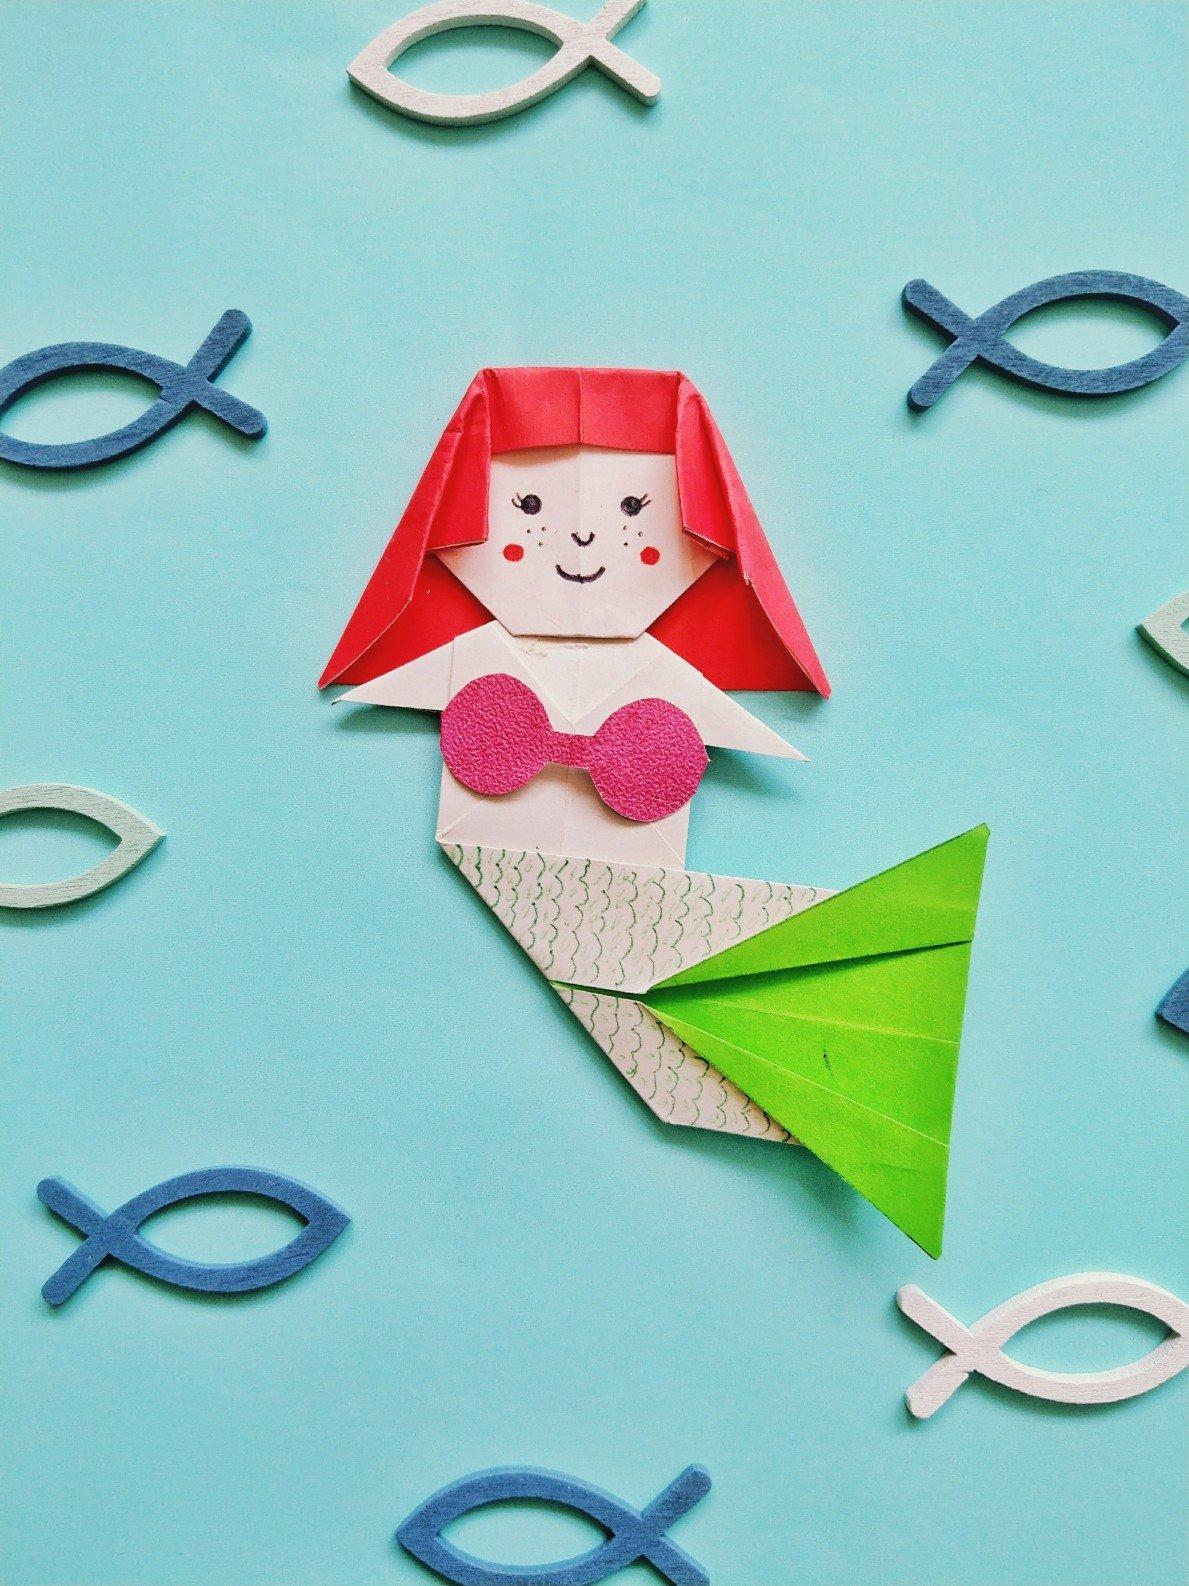 Eine Origami Meerjungfrau lässt sich ganz einfach aus Papier falten. Ich zeige euch wie es geht. Die Meerjungfrau ist auch ein tolles Geldgeschenk für Kinder.